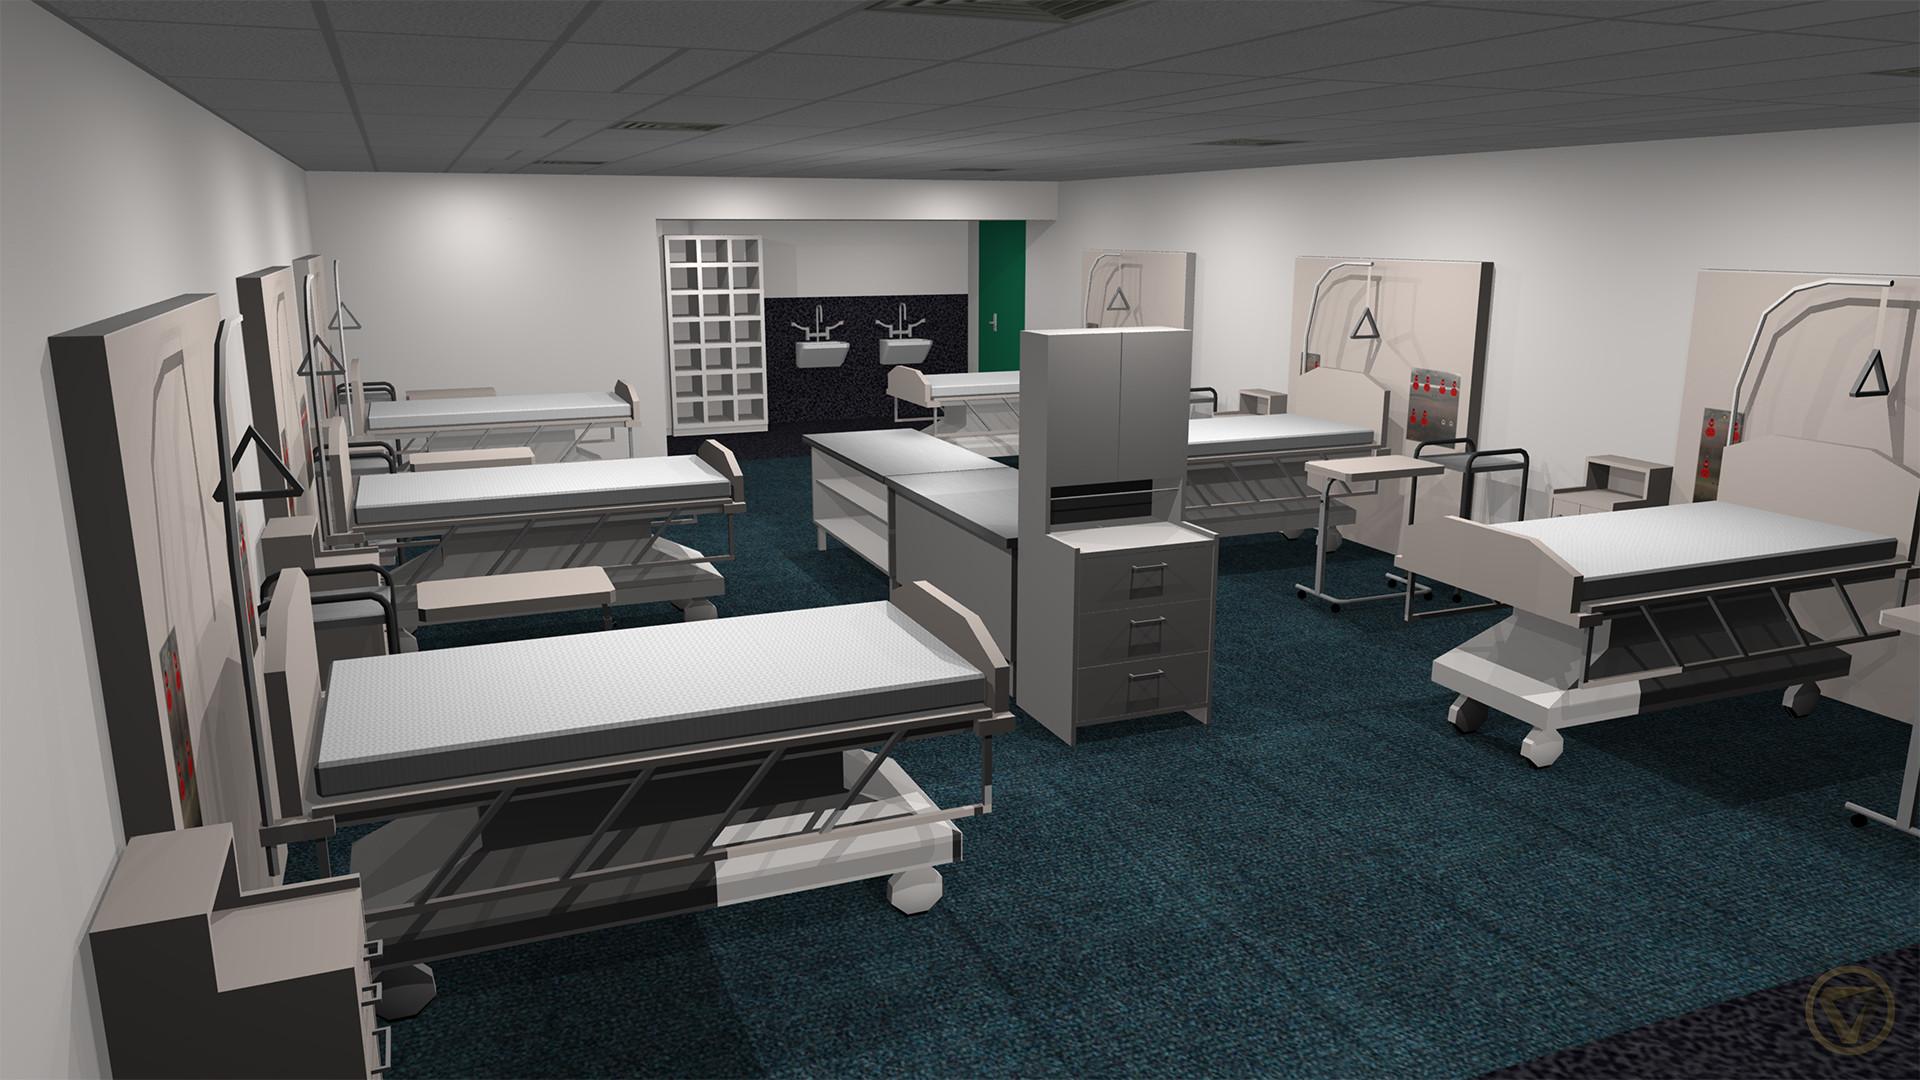 Caine lanigan nursing room 1